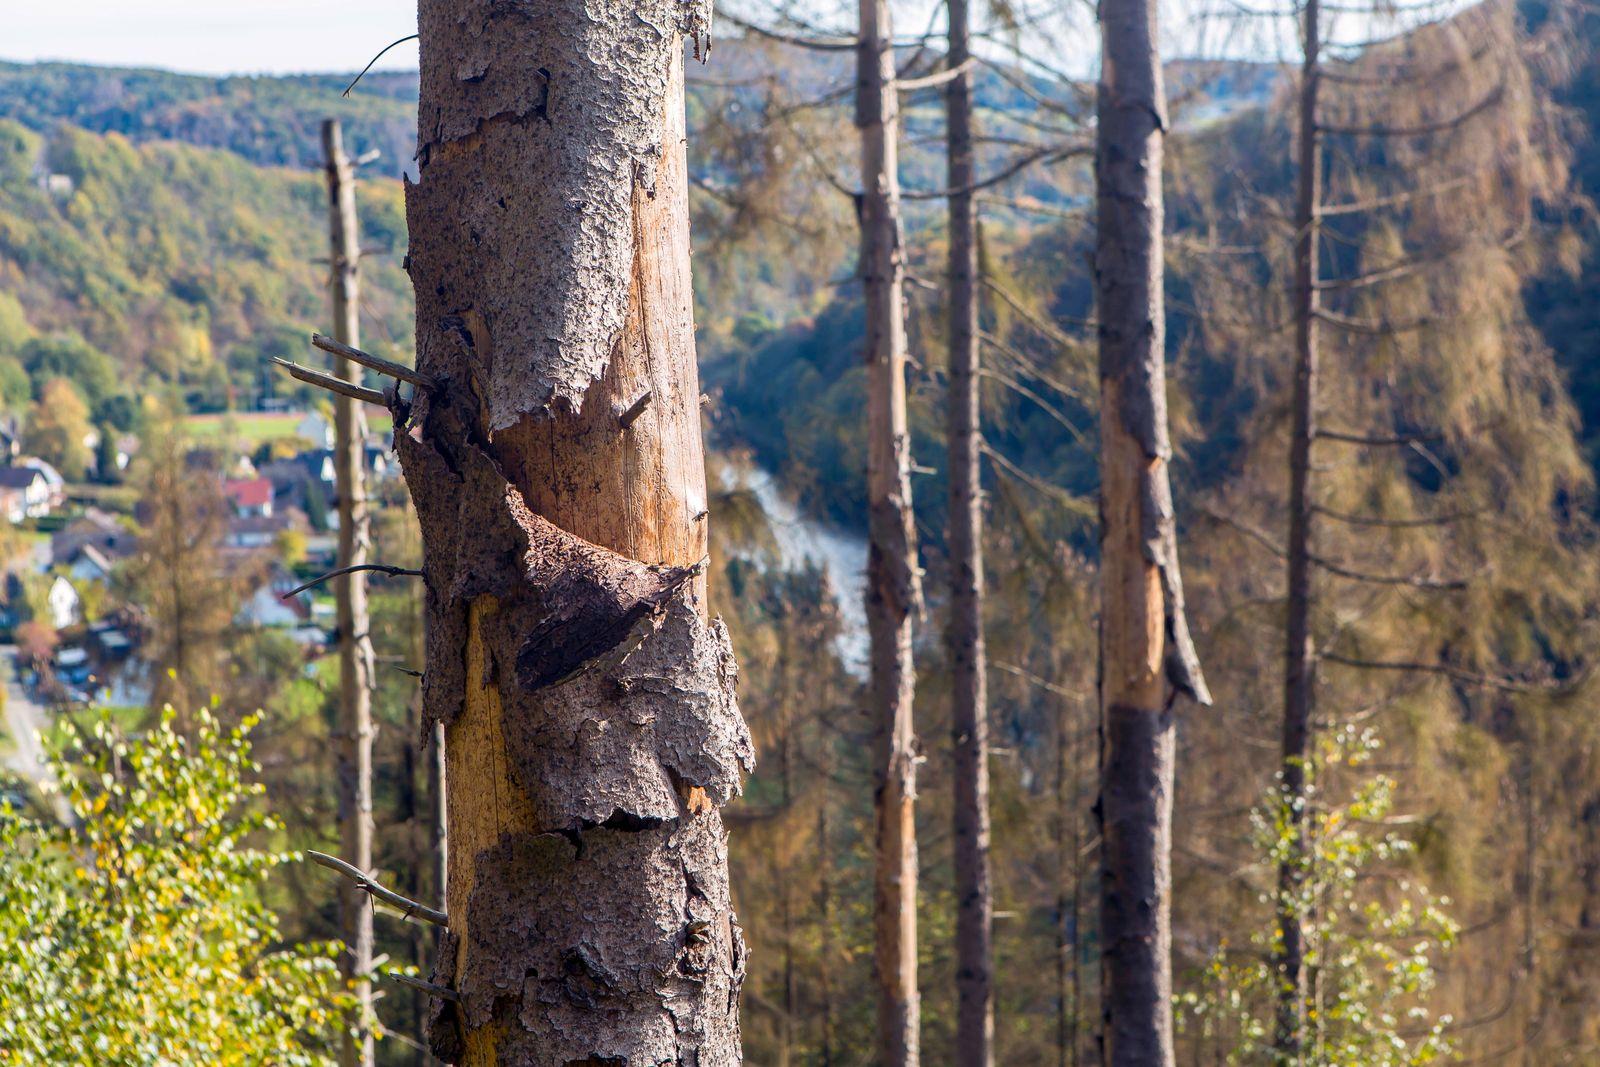 Vertrocknete Fichten in einem Wald in der Nähe von Windeck-Herchen ( Rhein-Sieg-Kreis / NRW ). In Flachlagen könnte es b